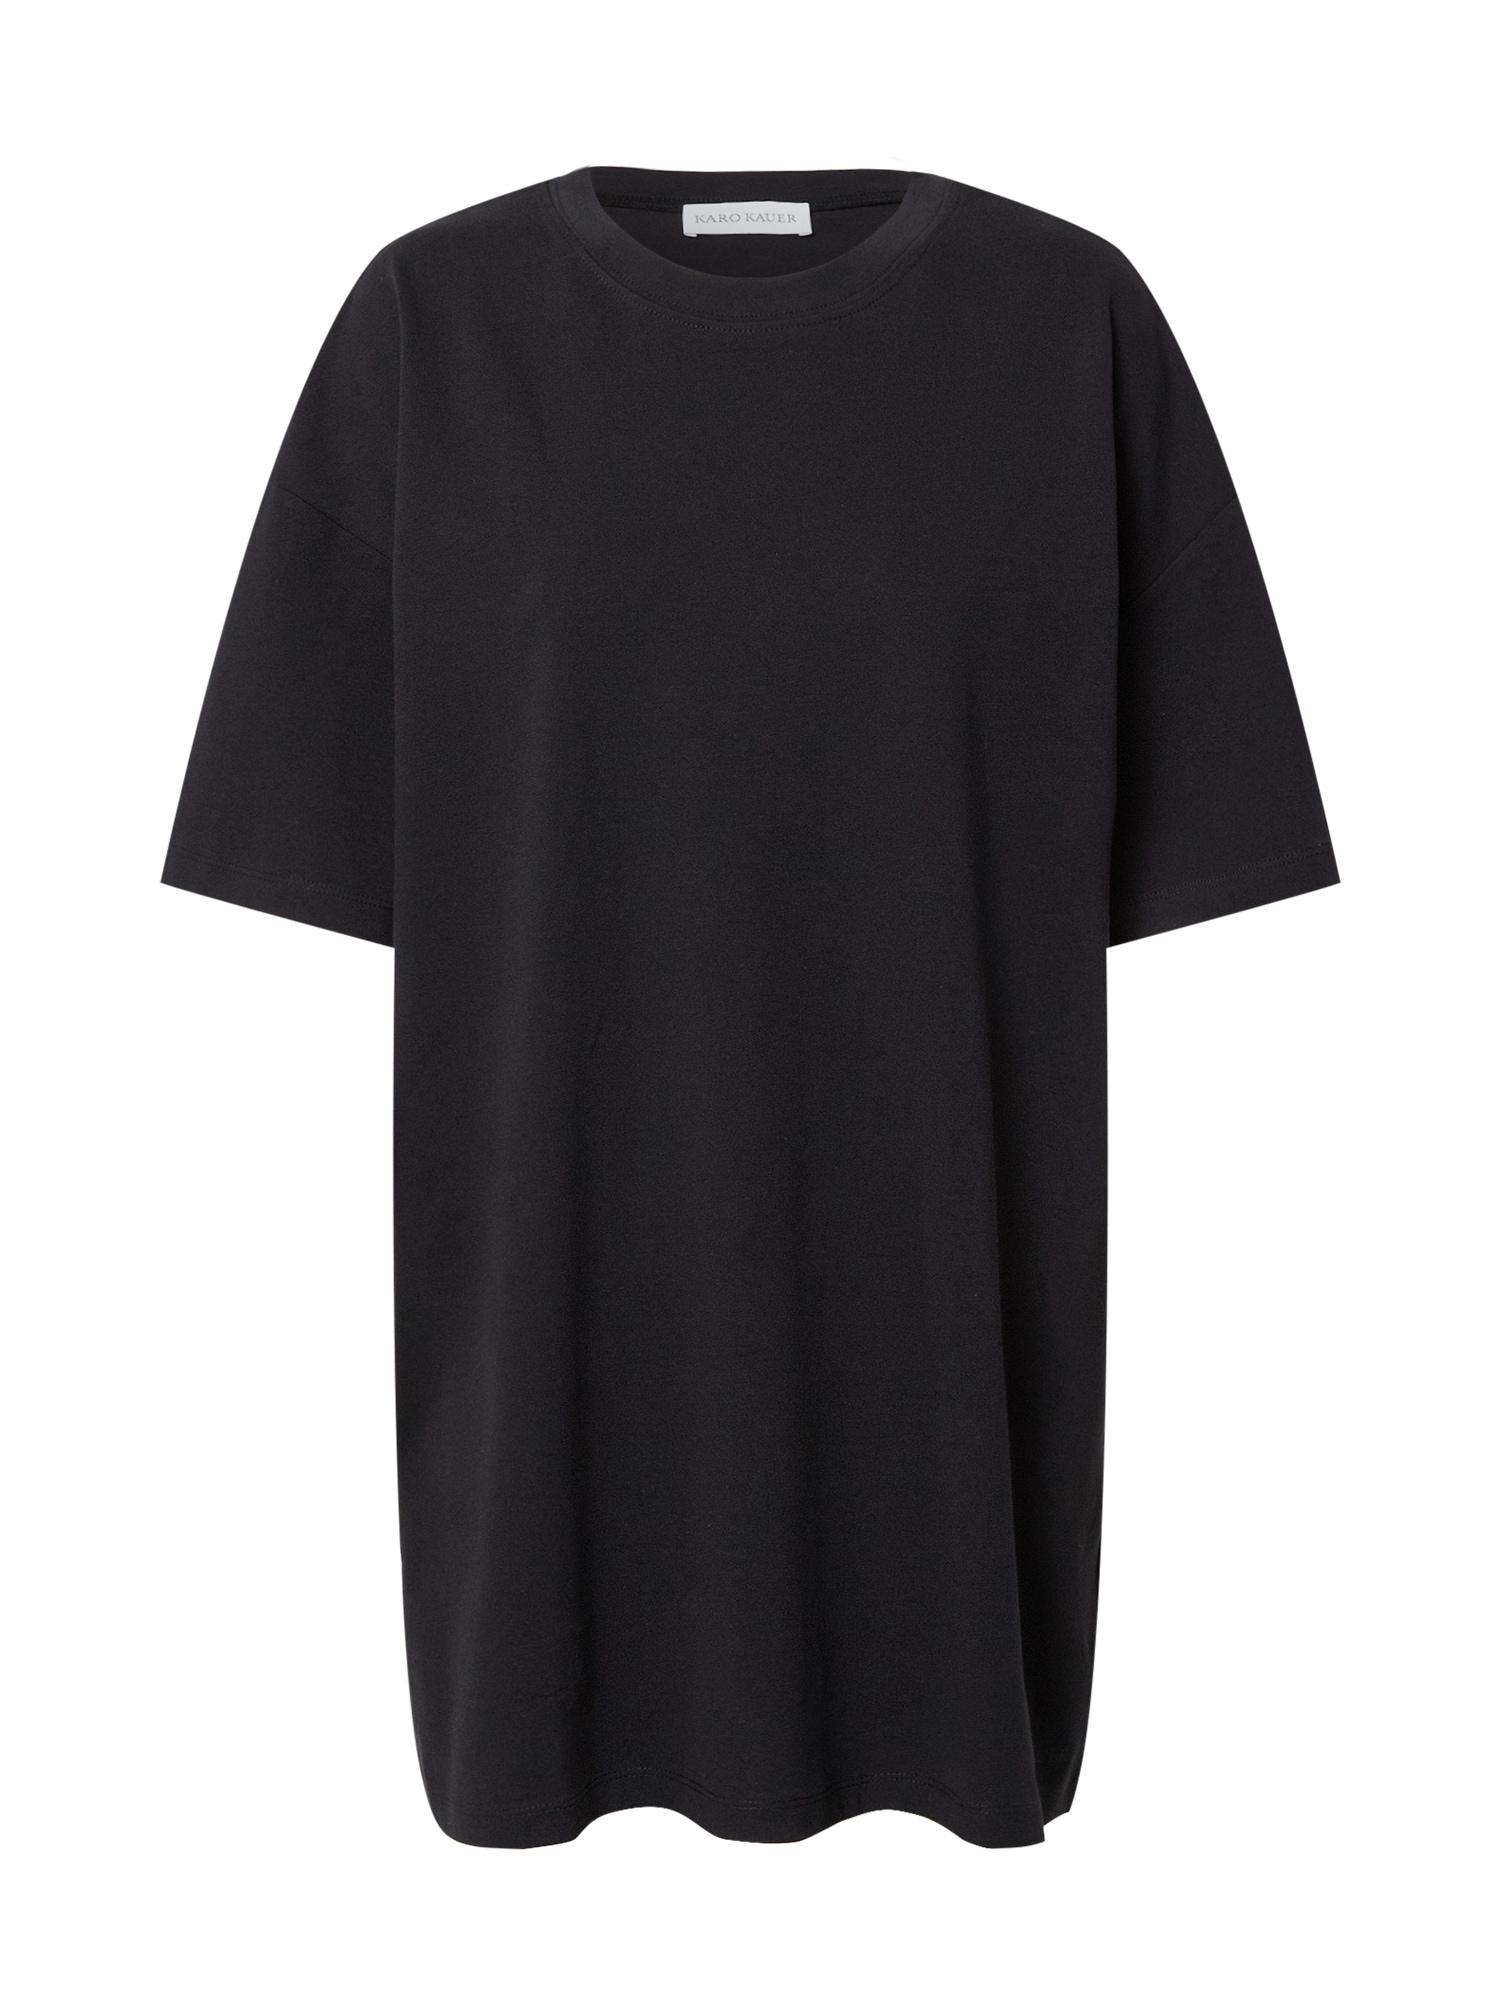 Karo Kauer Oversized tričko  černá